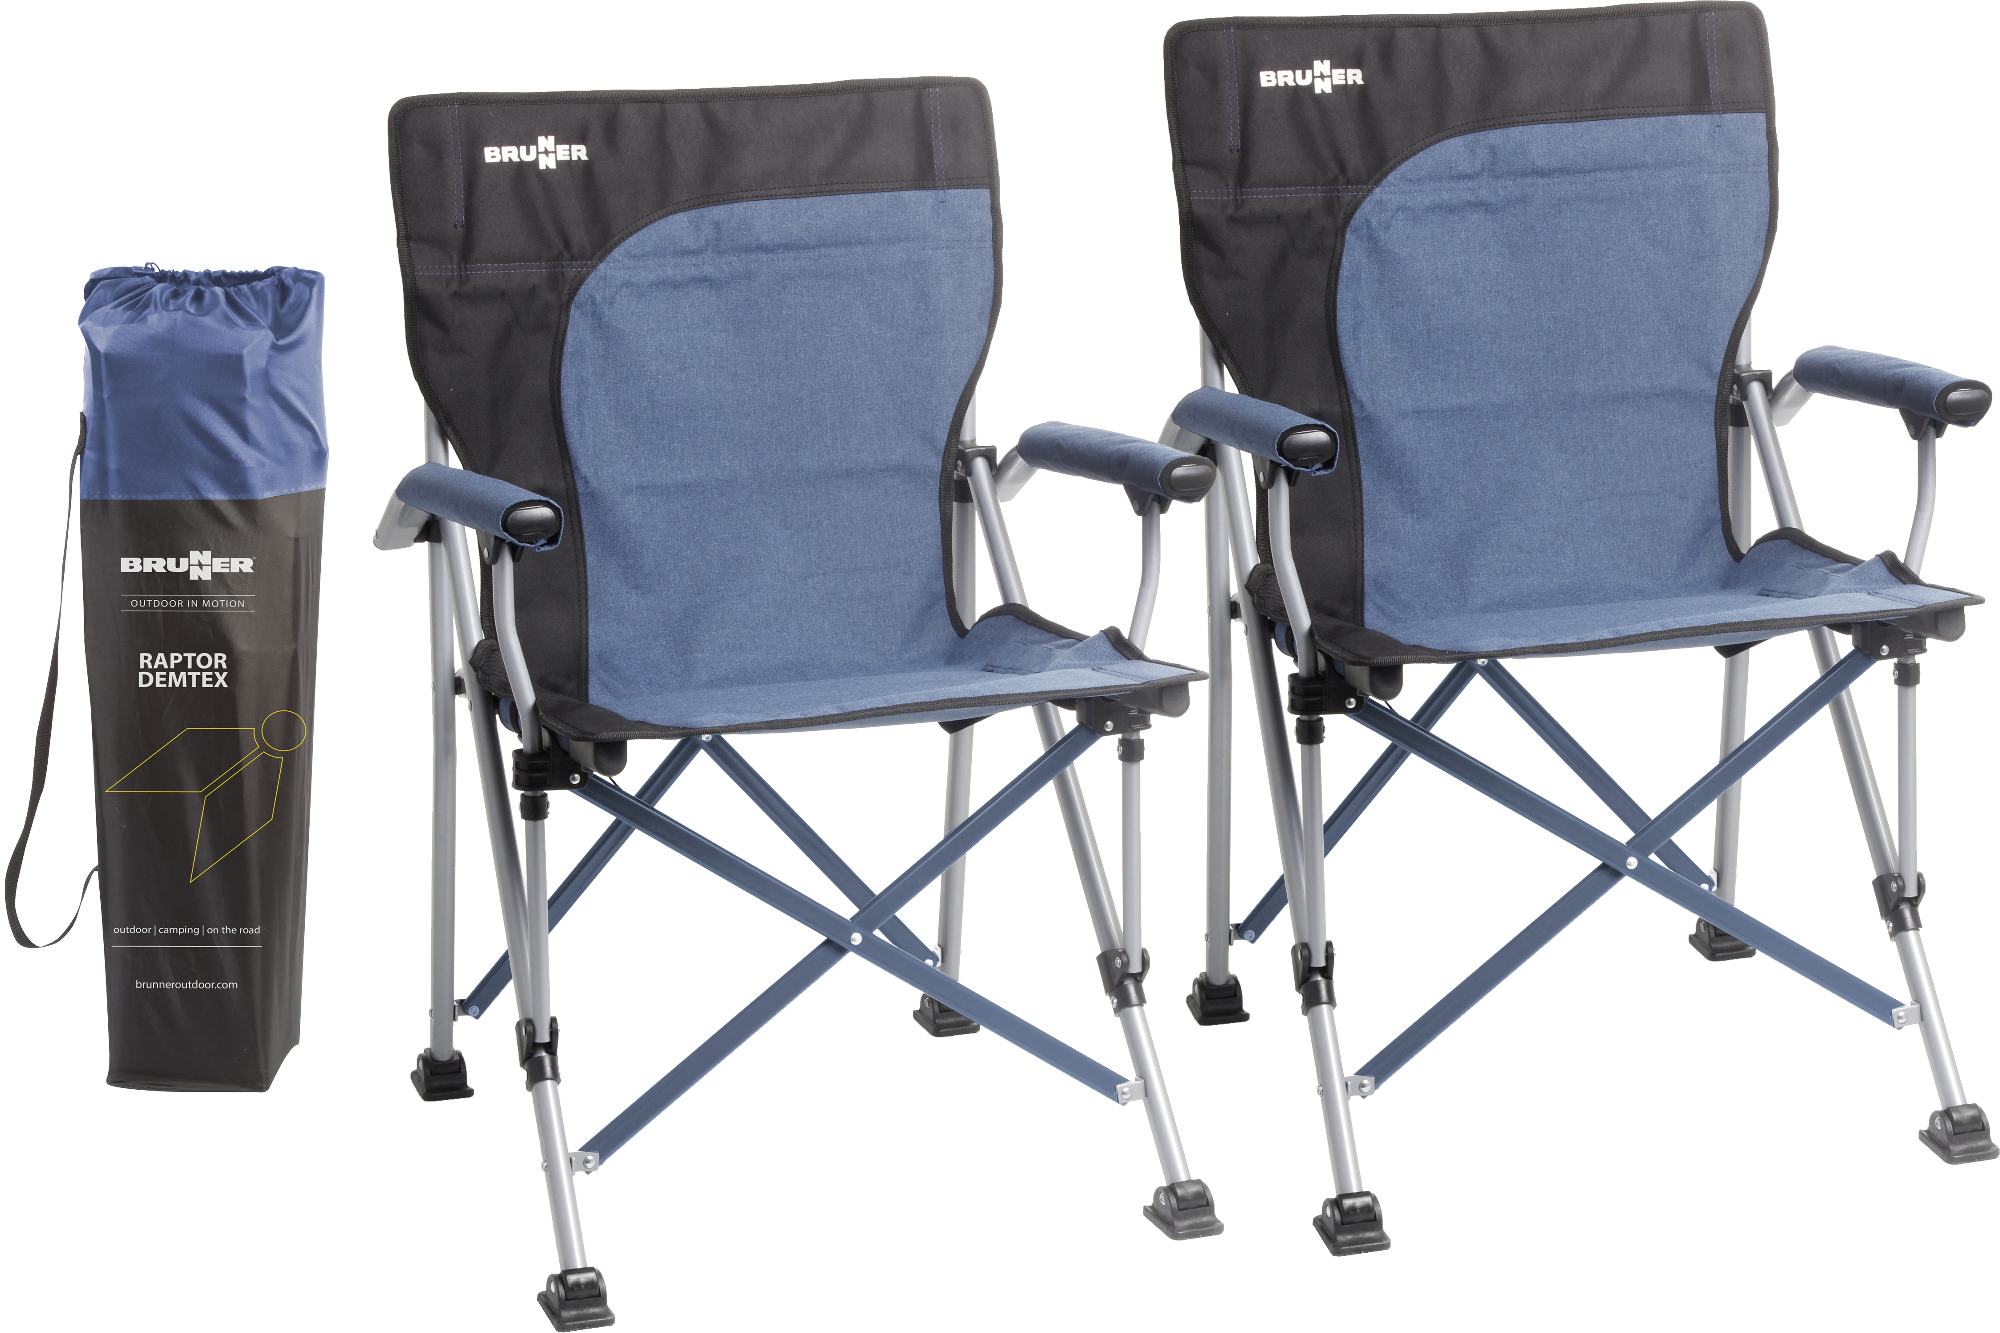 Tavoli sedie e sgabelli arredamento da esterno sedia raptor classic